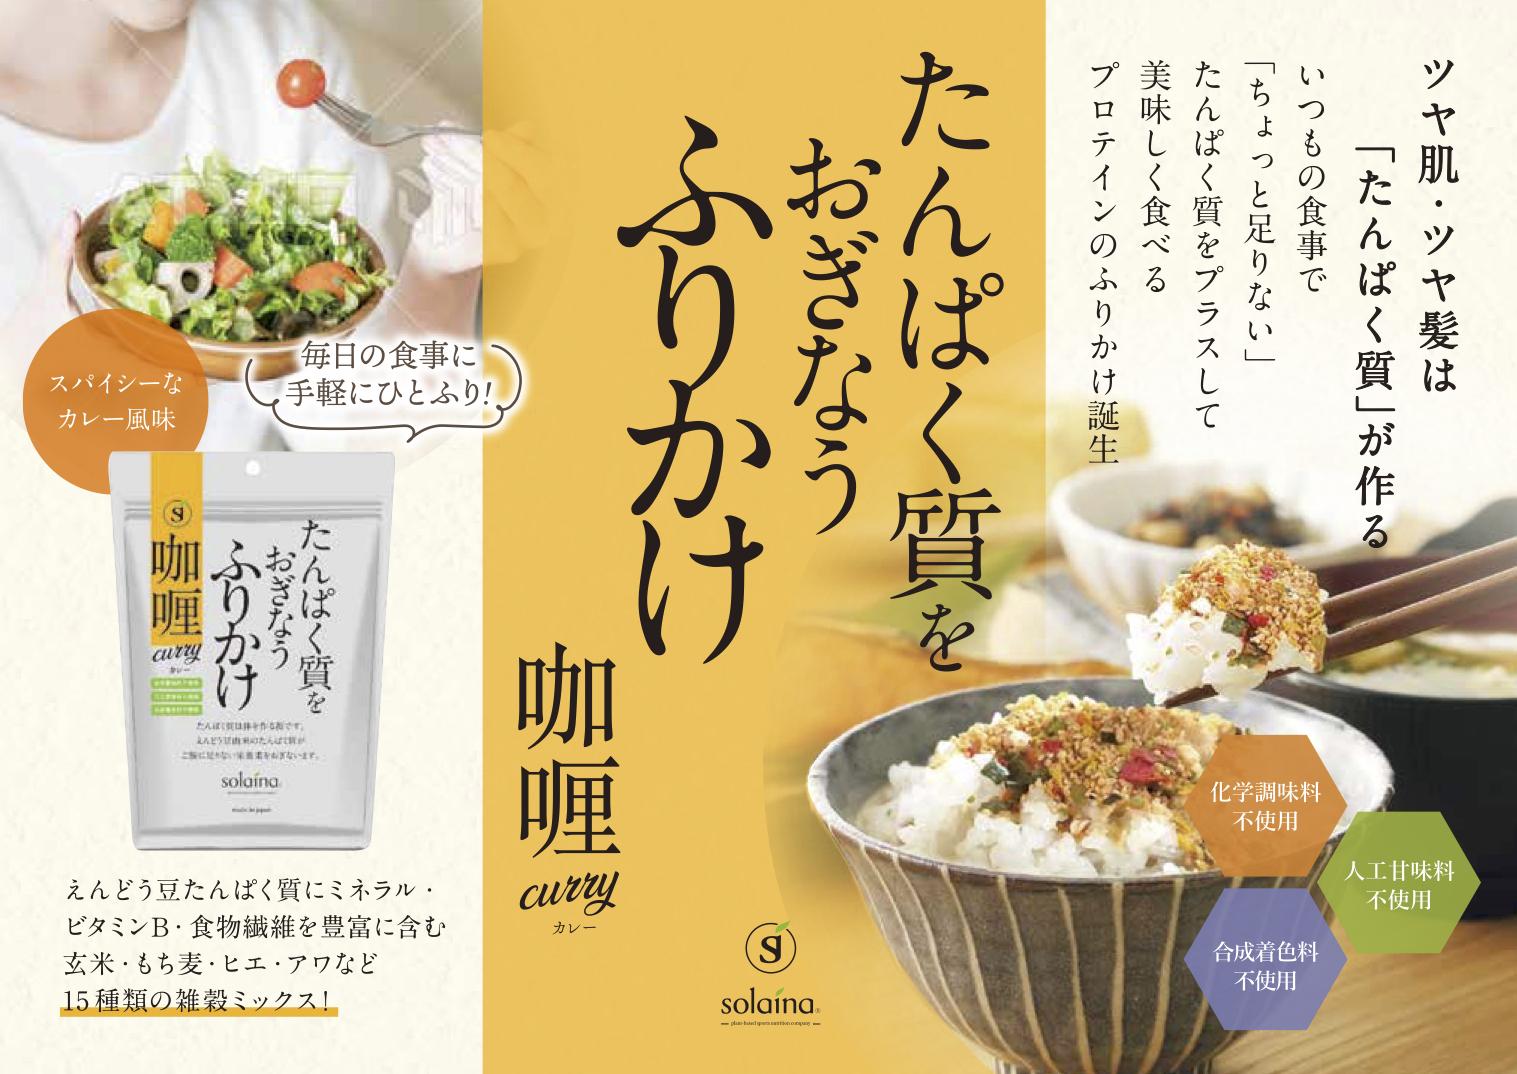 たんぱく質をおぎなうふりかけ[カレー風味] 60g/袋(¥480/袋[税別])